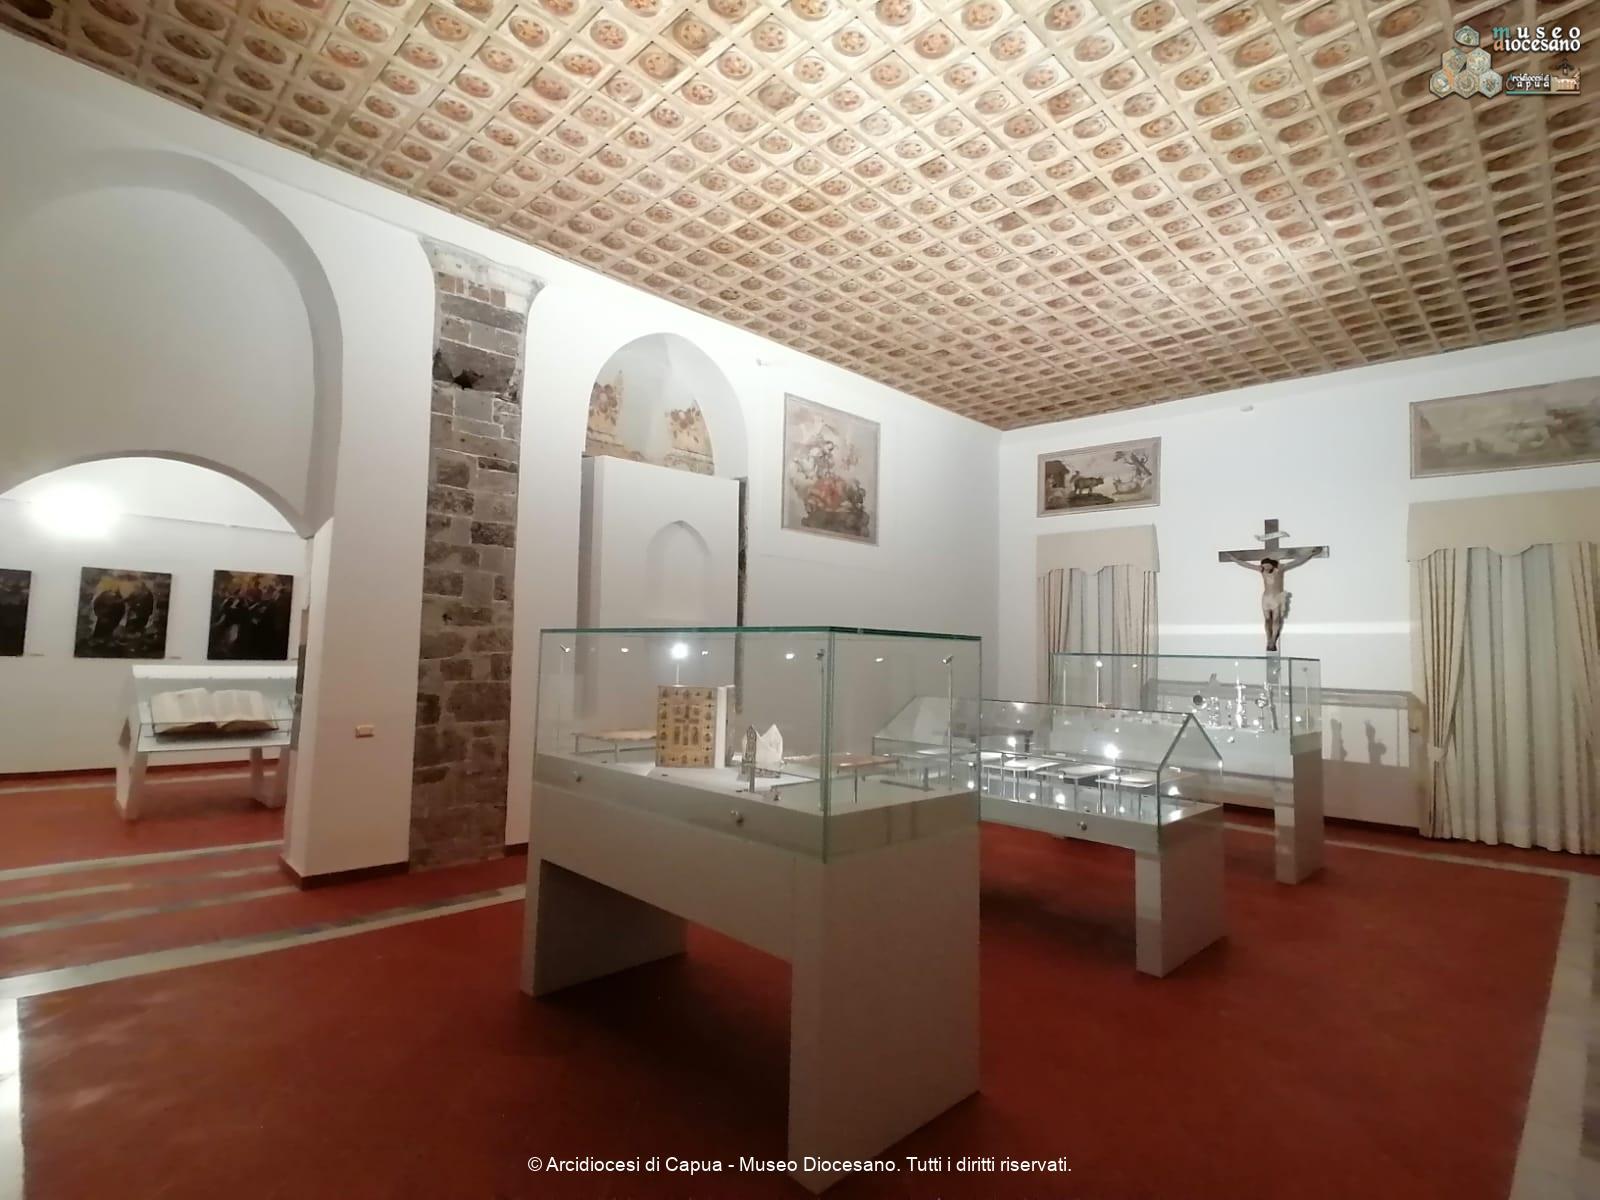 Benvenuti nel Museo Diocesano dell'Arcidiocesi di Capua